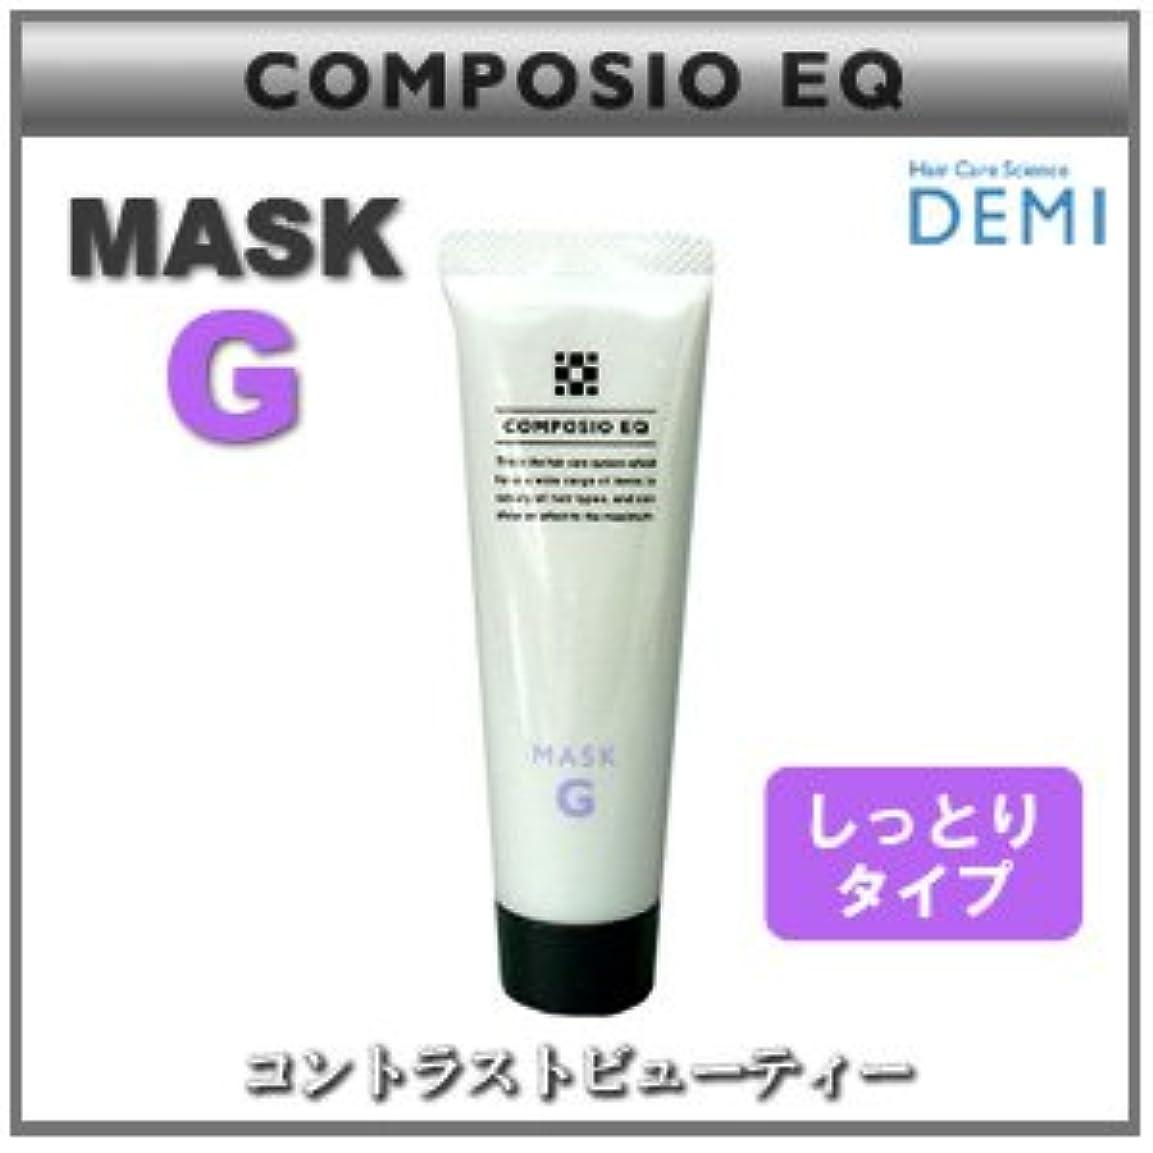 編集する順応性のある浅い【X4個セット】 デミ コンポジオ EQ マスク G 50g